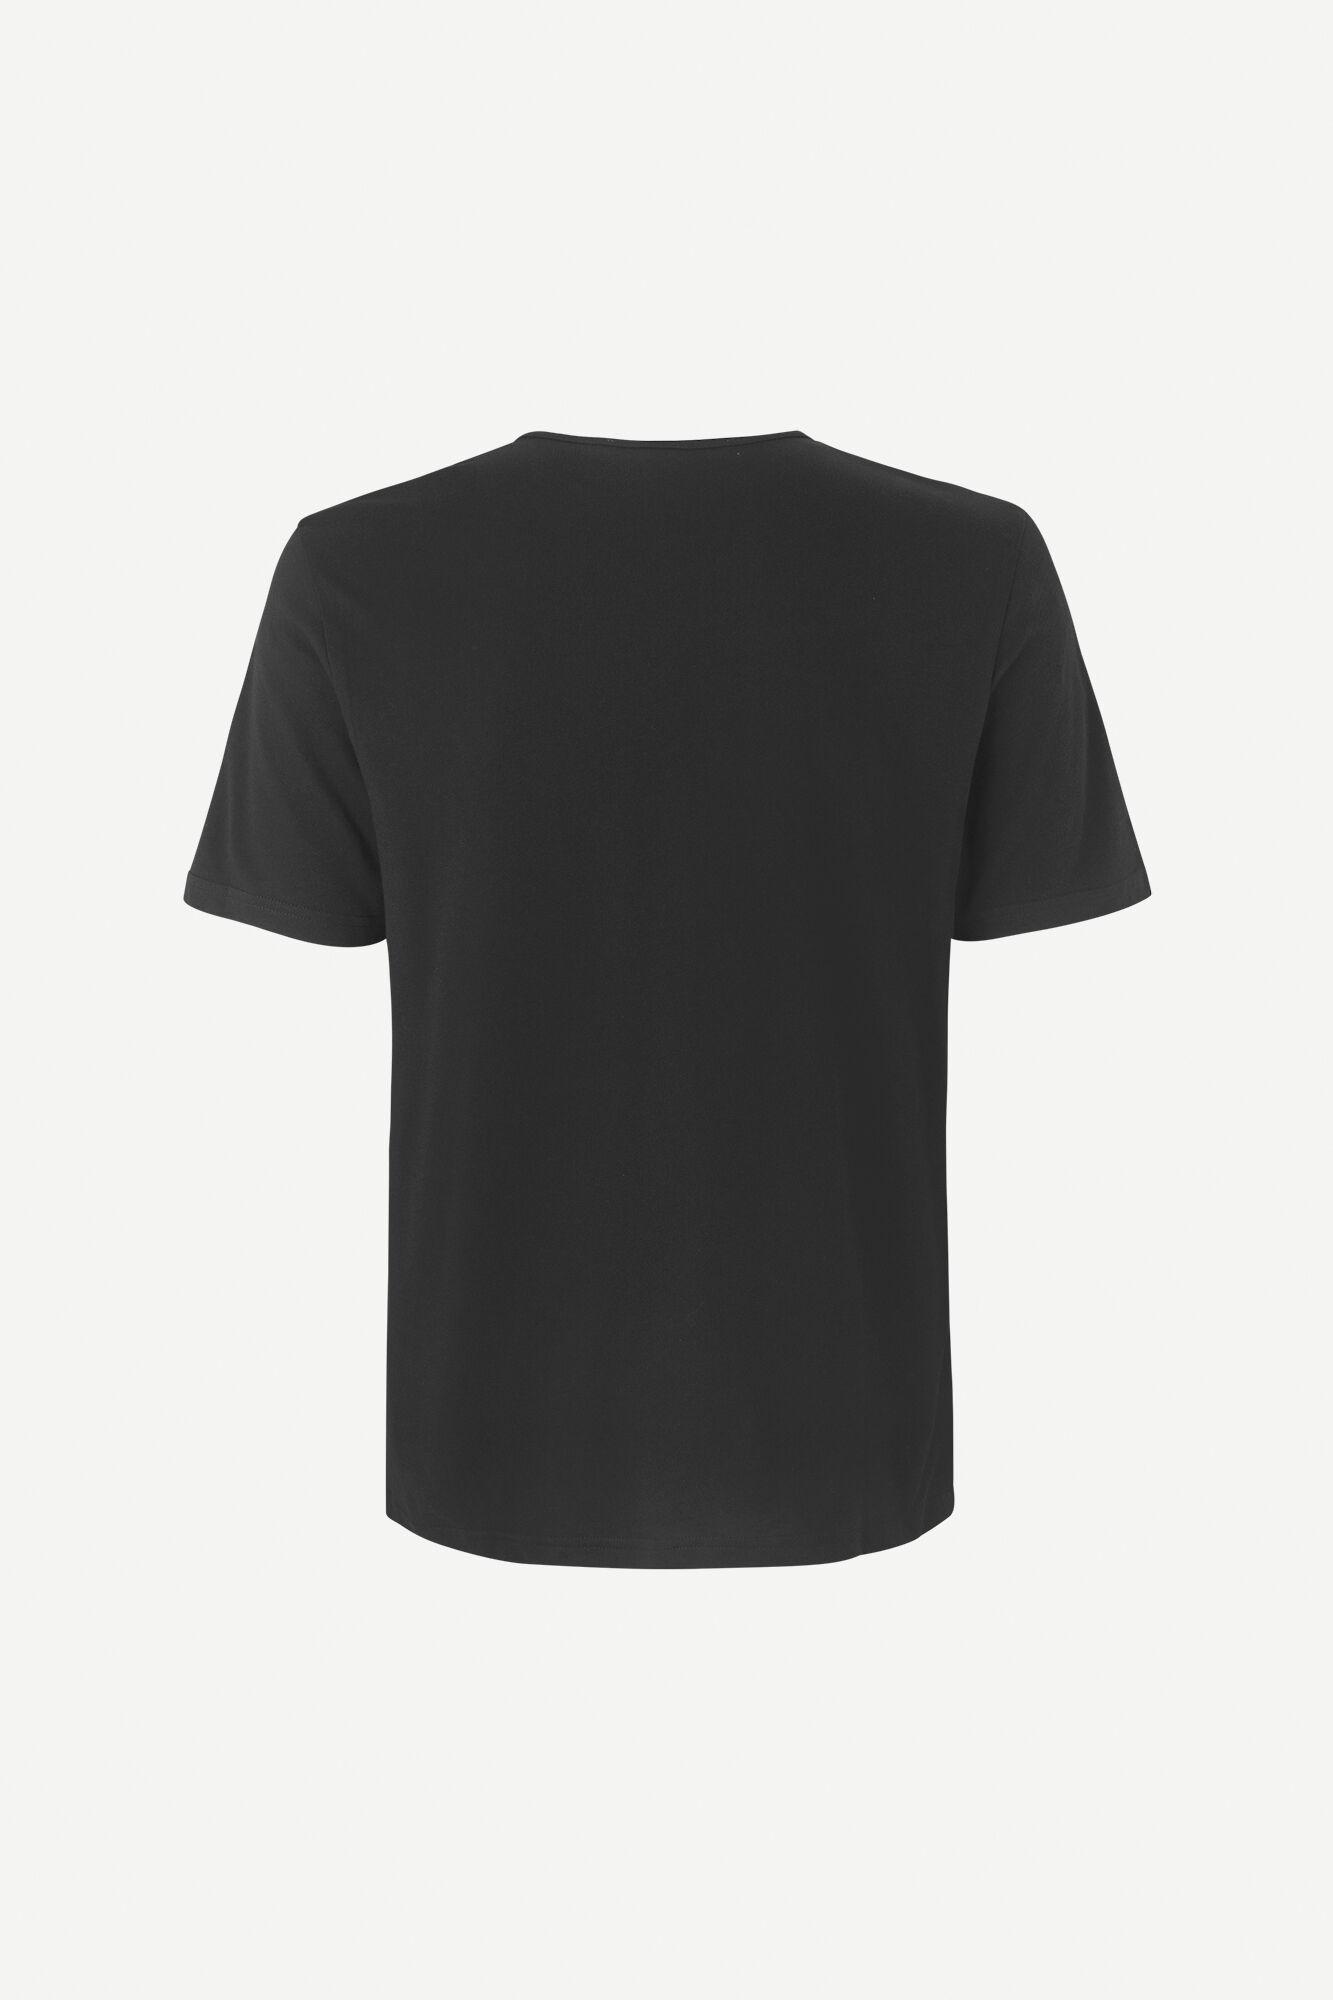 Finn t-shirt 10964